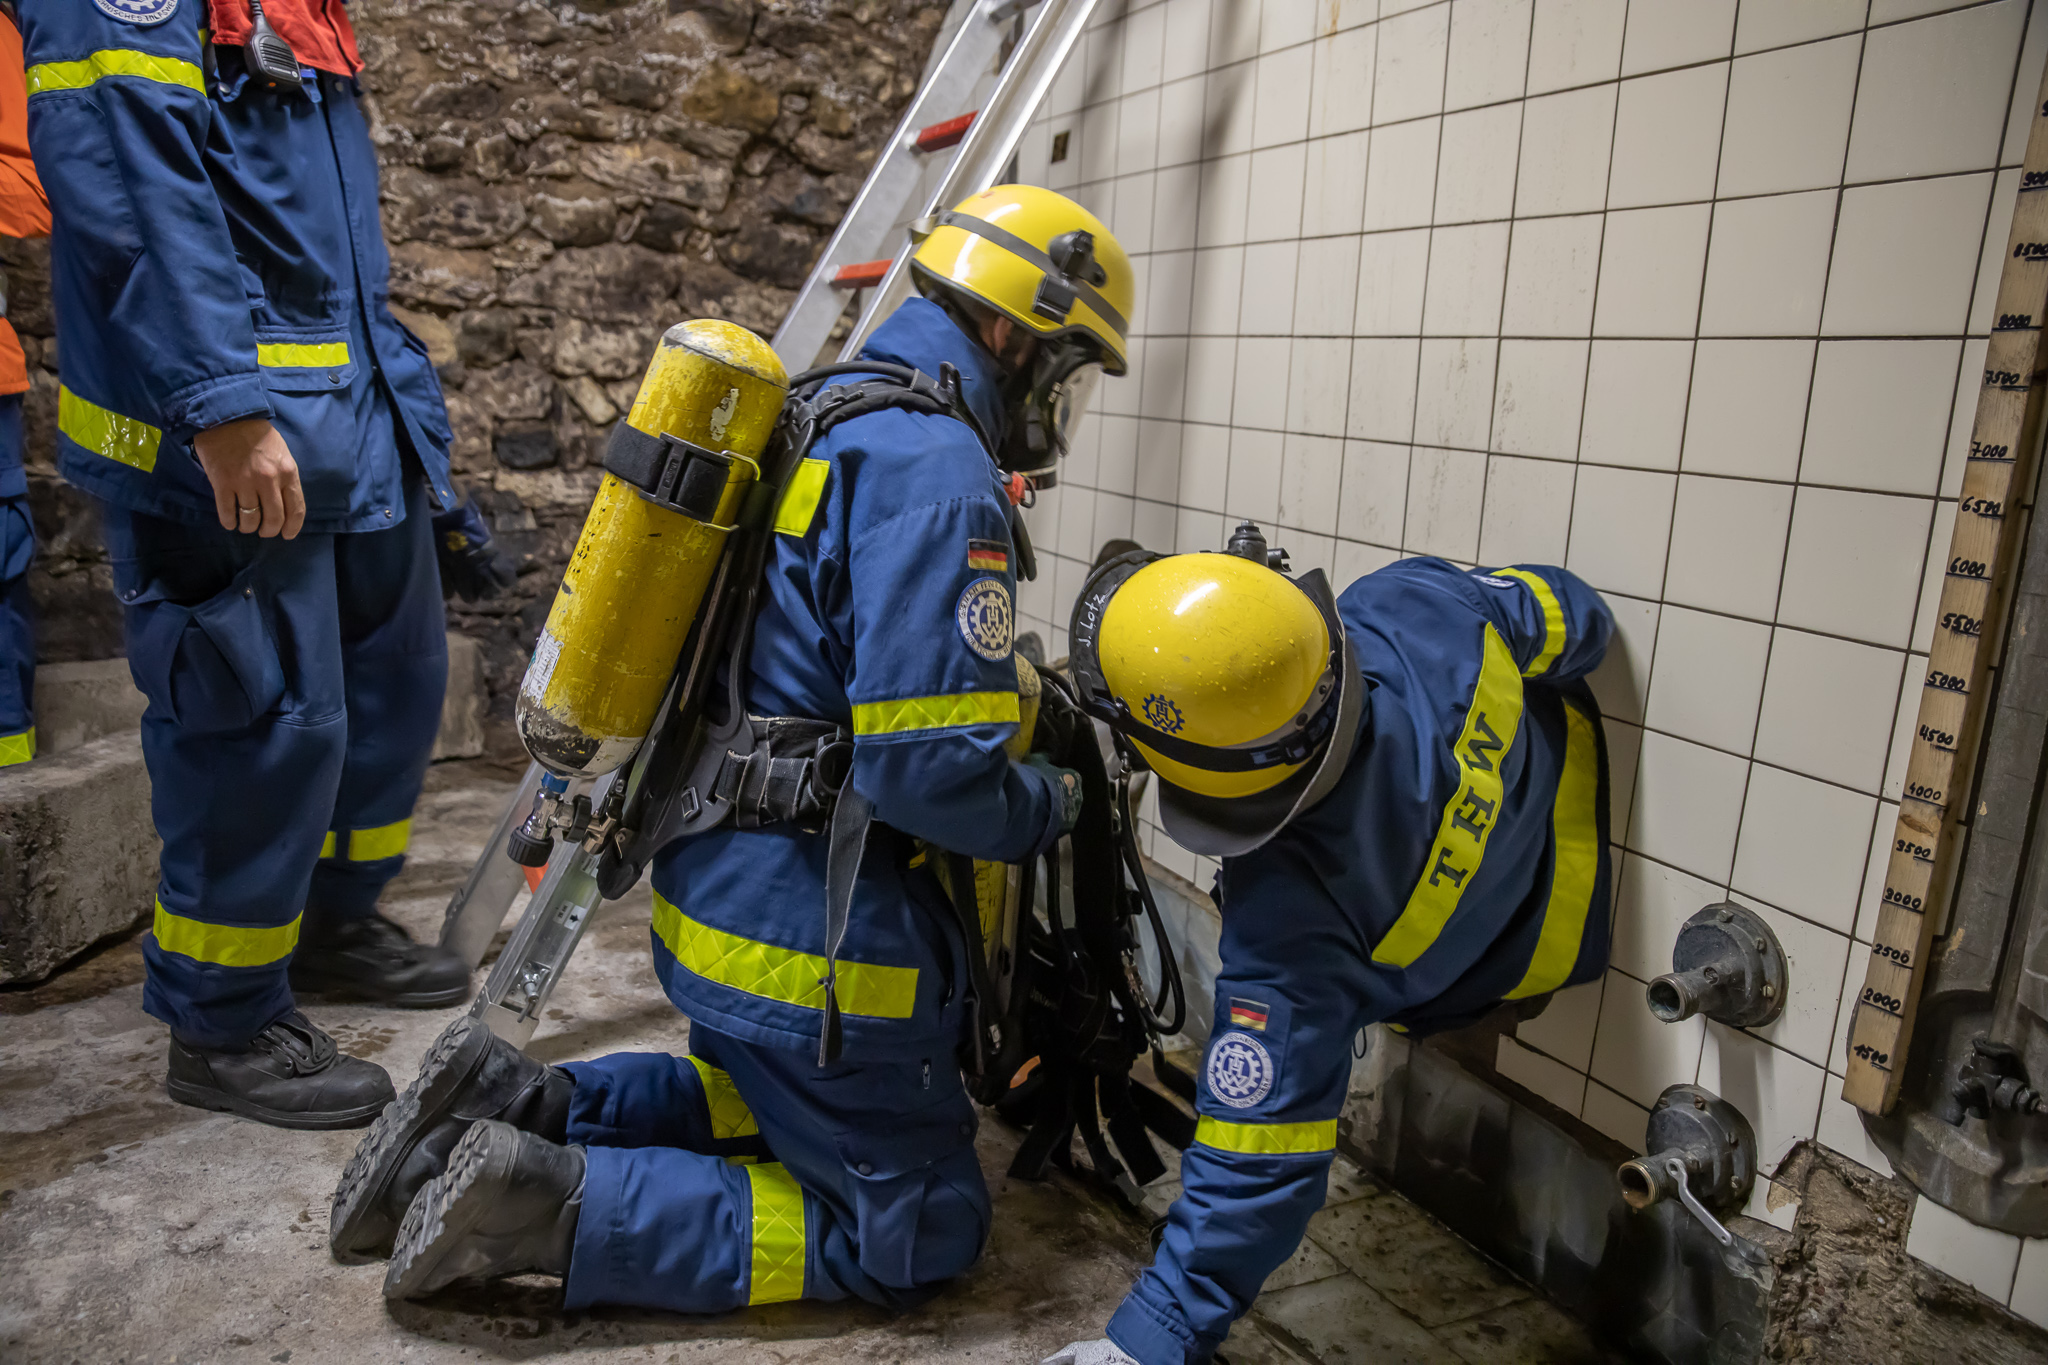 FeuerwehrSim 2019 Weinkeller-13